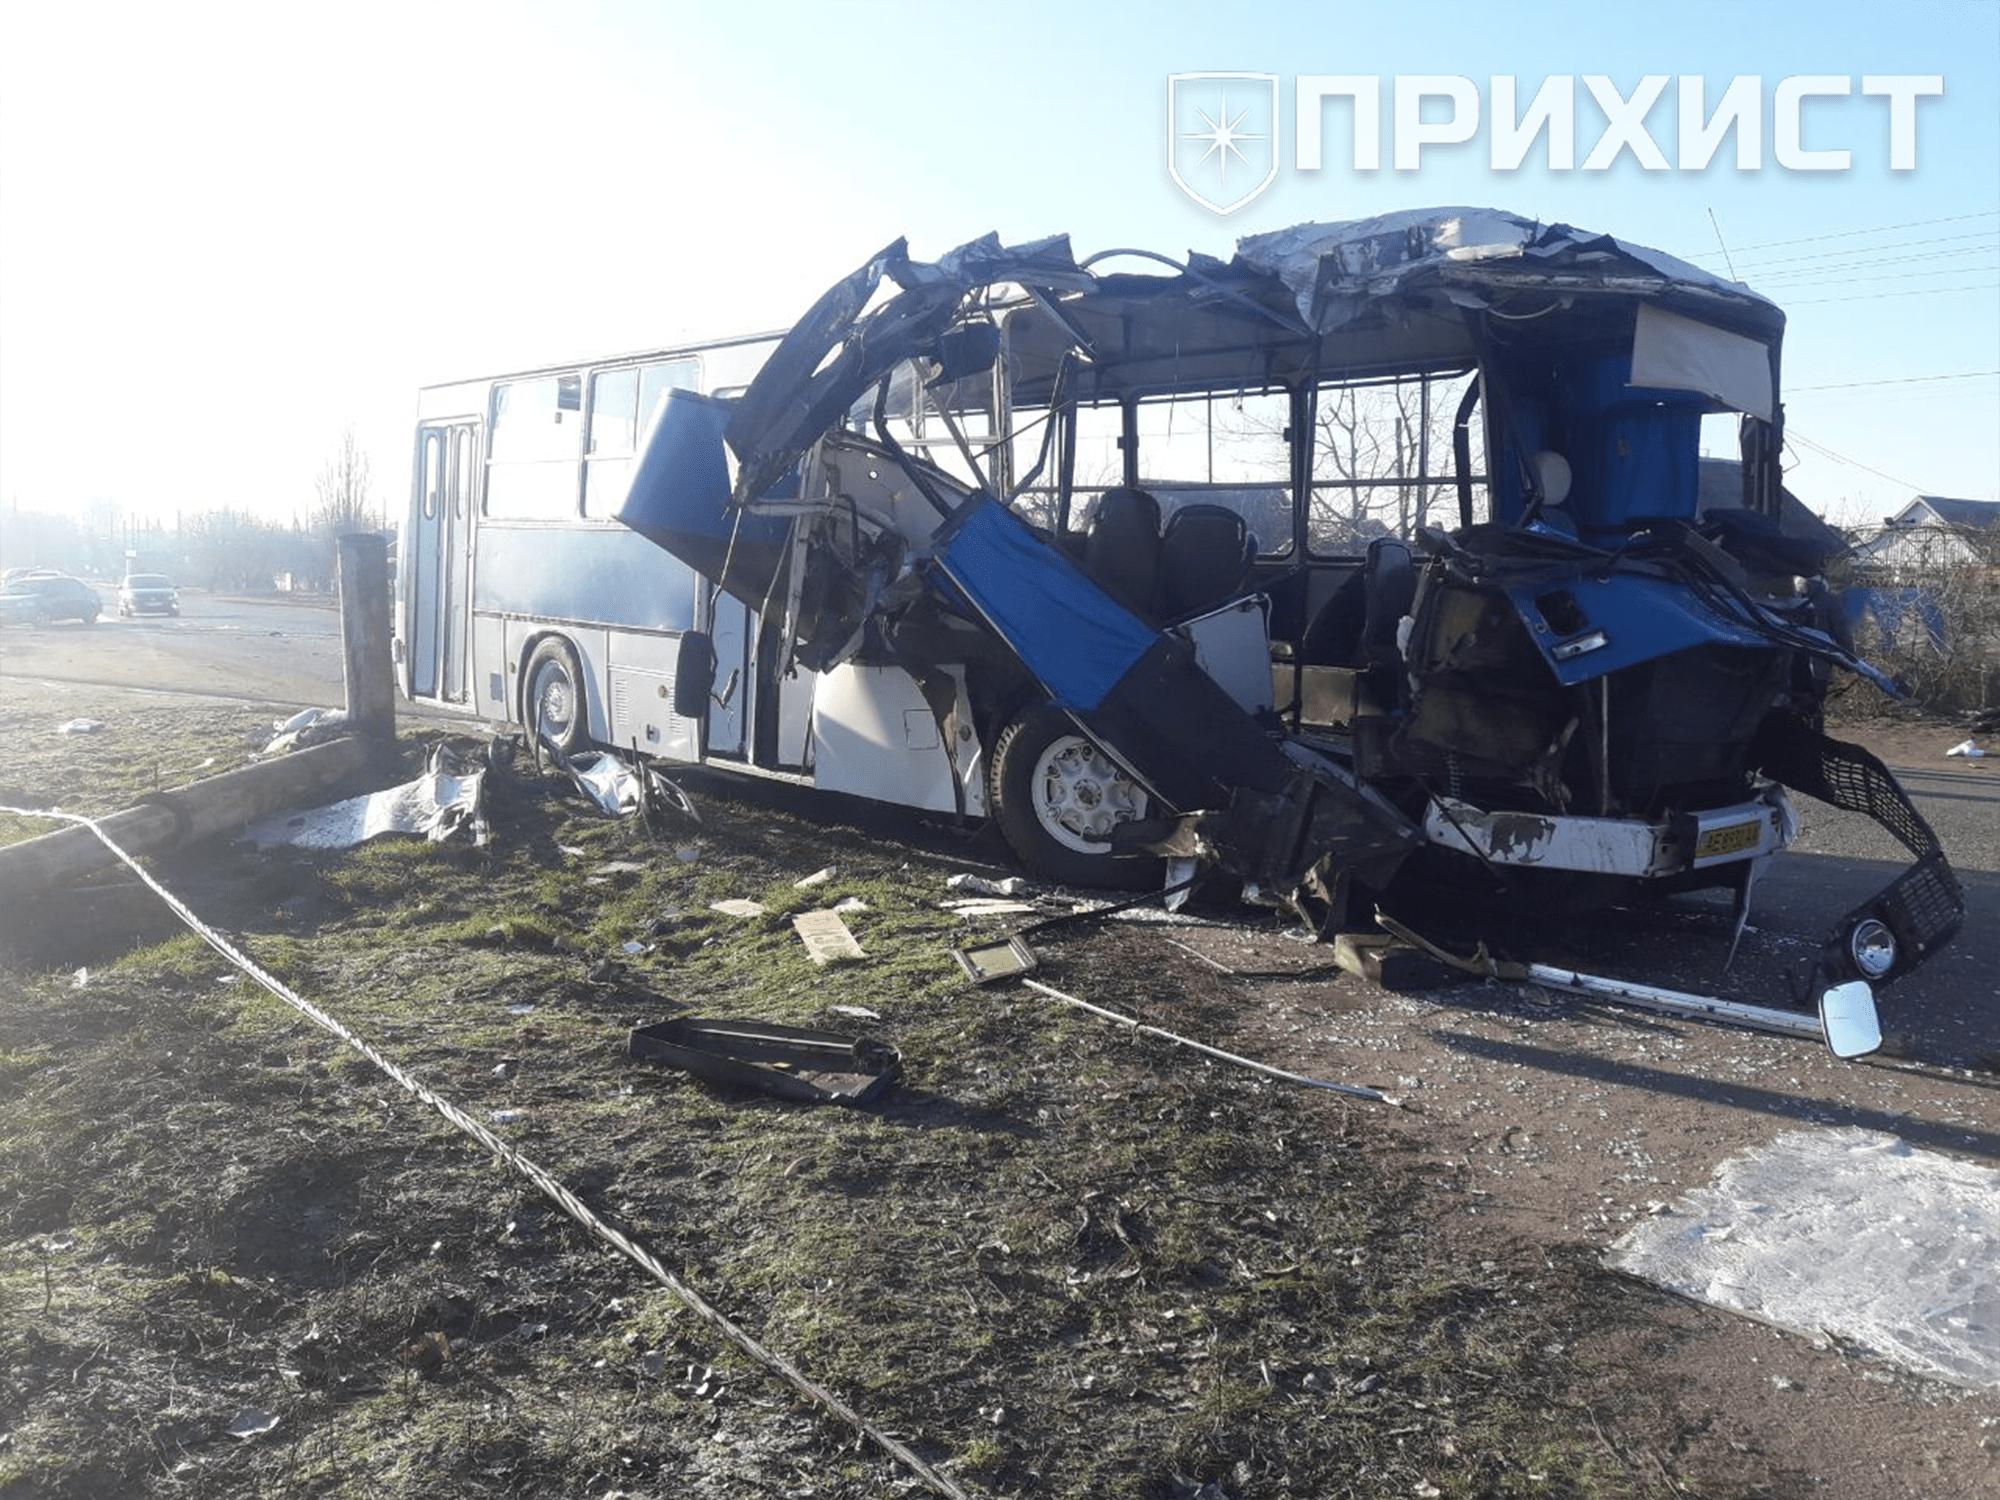 Видео момента аварии 8 января 2020 года | Прихист